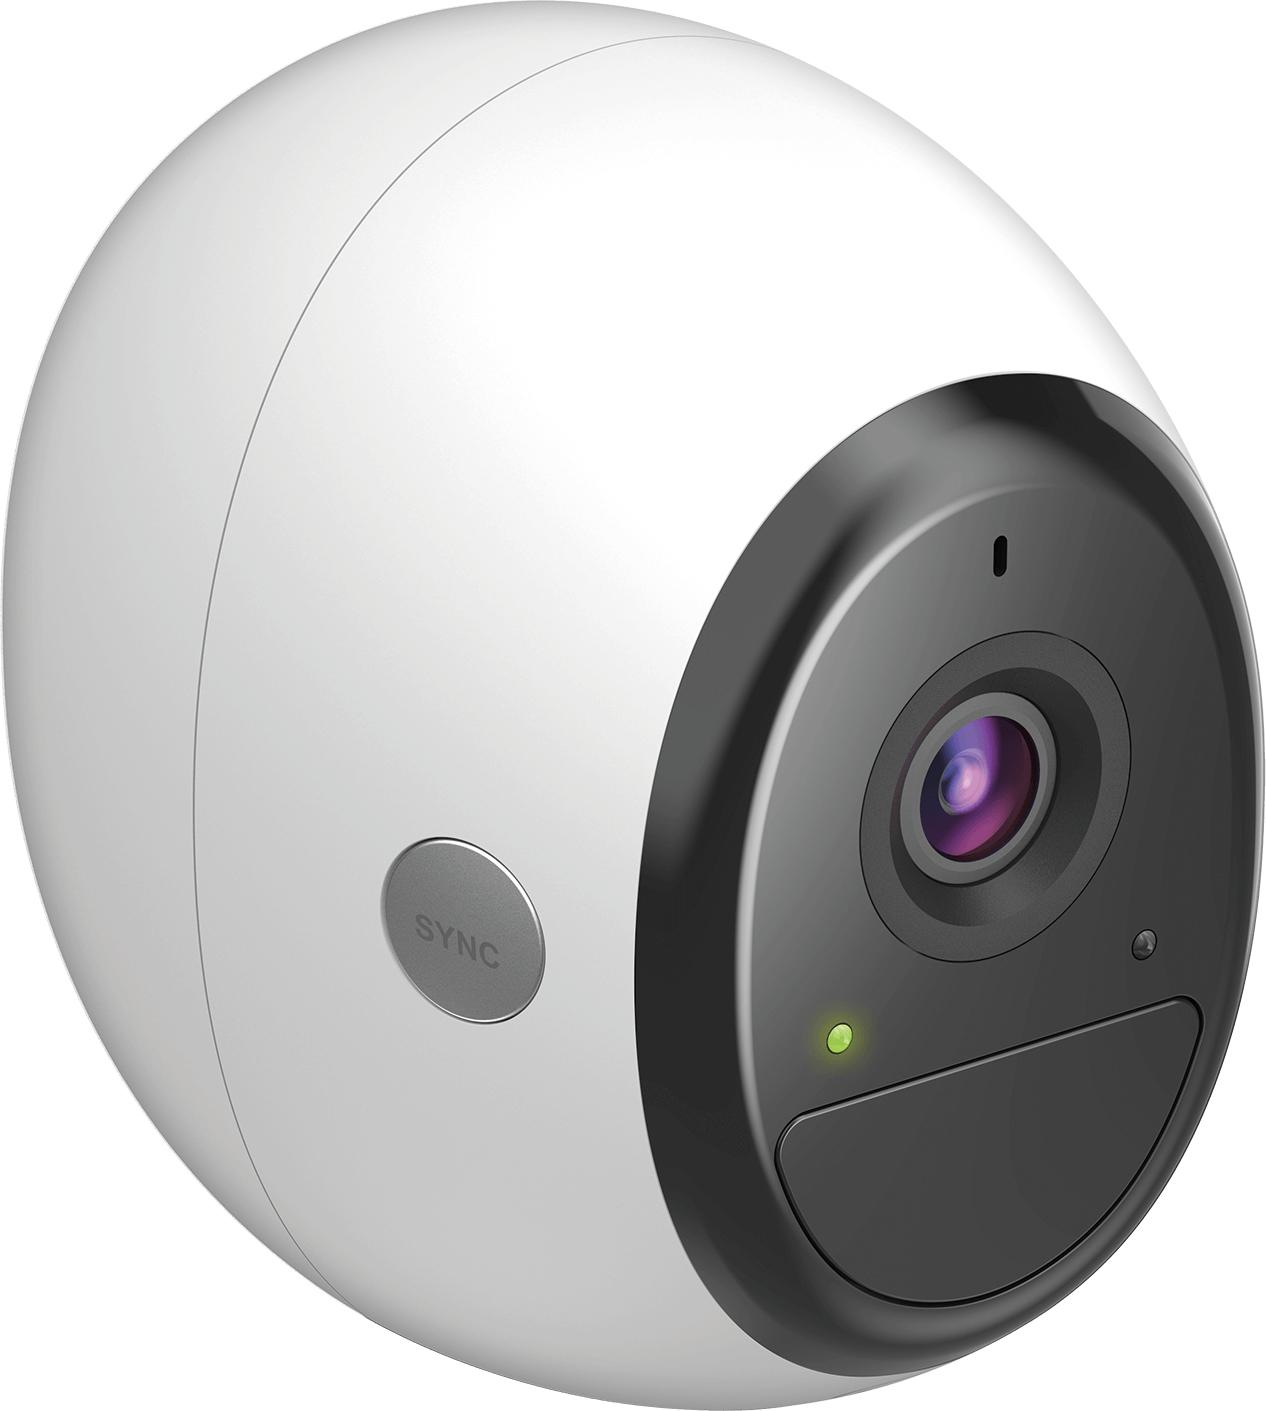 D-Link mydlink Pro IP security camera Indoor & outdoor Dome Ceiling/Wall 1920 x 1080 pixels